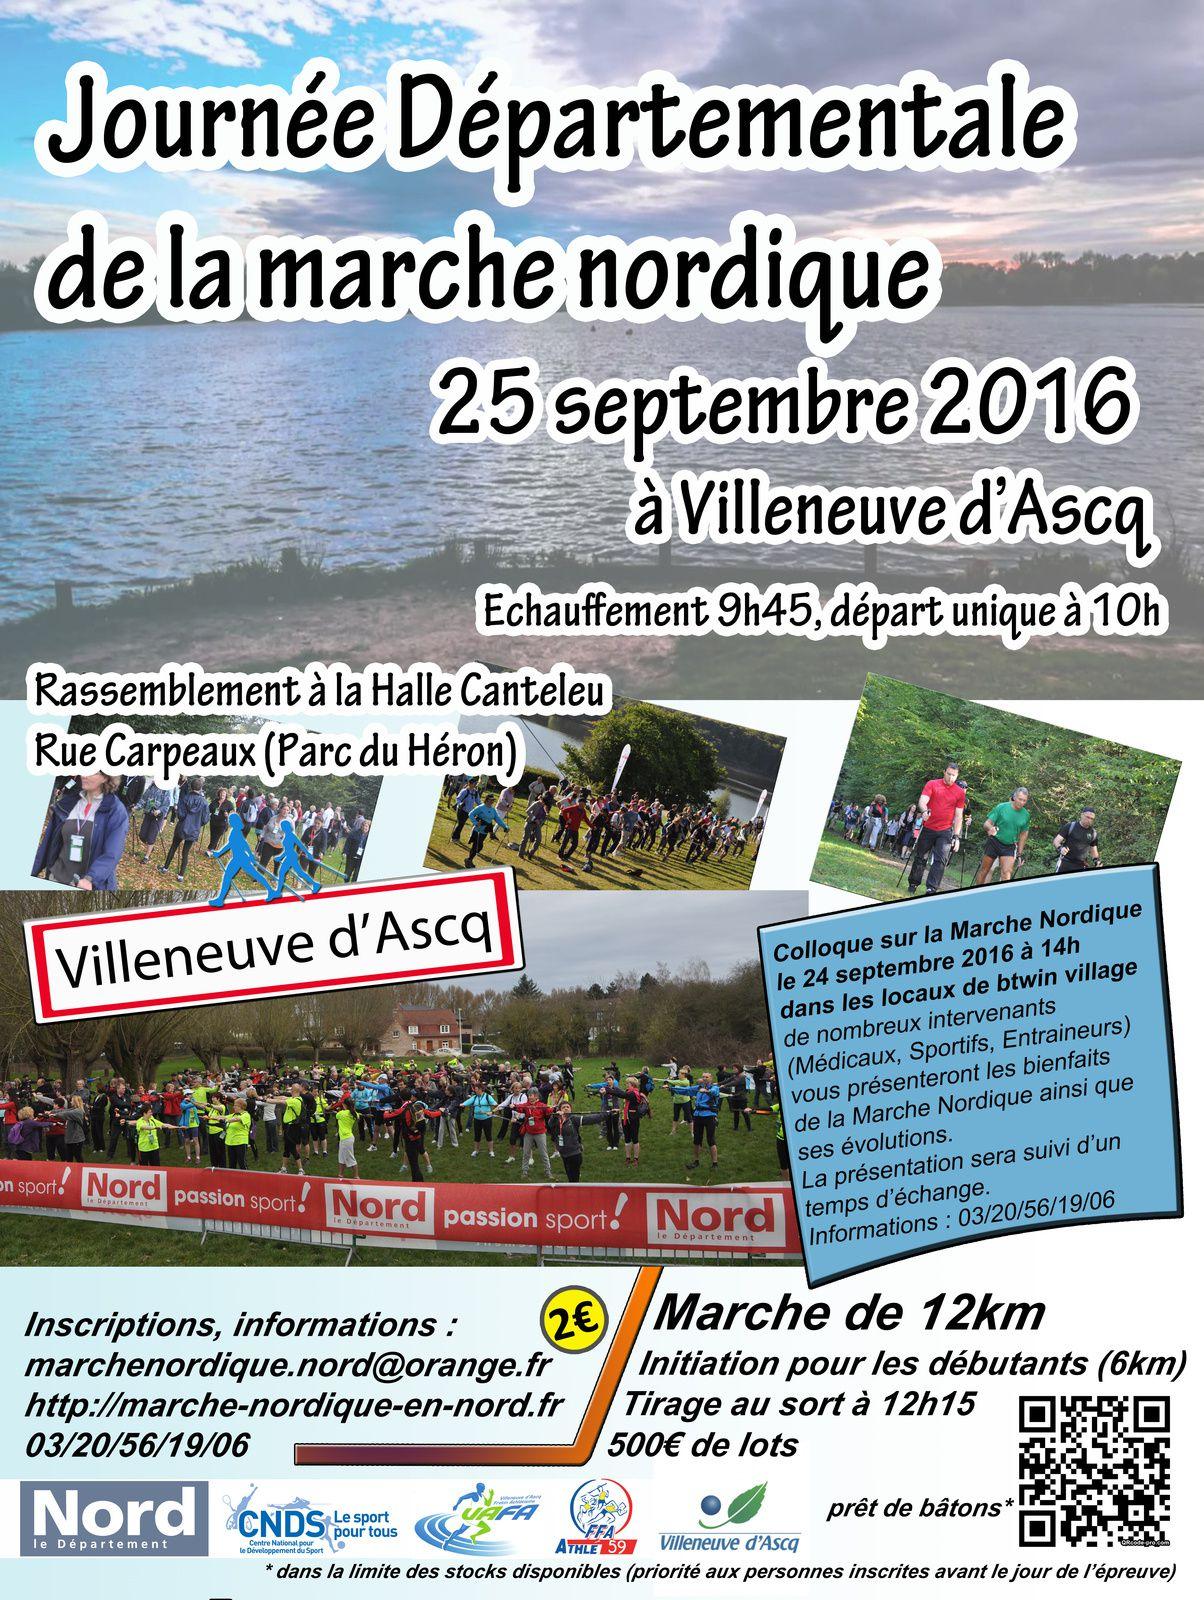 Journée départementale de la MN à Villeneuve d'Ascq le dimanche 25 septembre